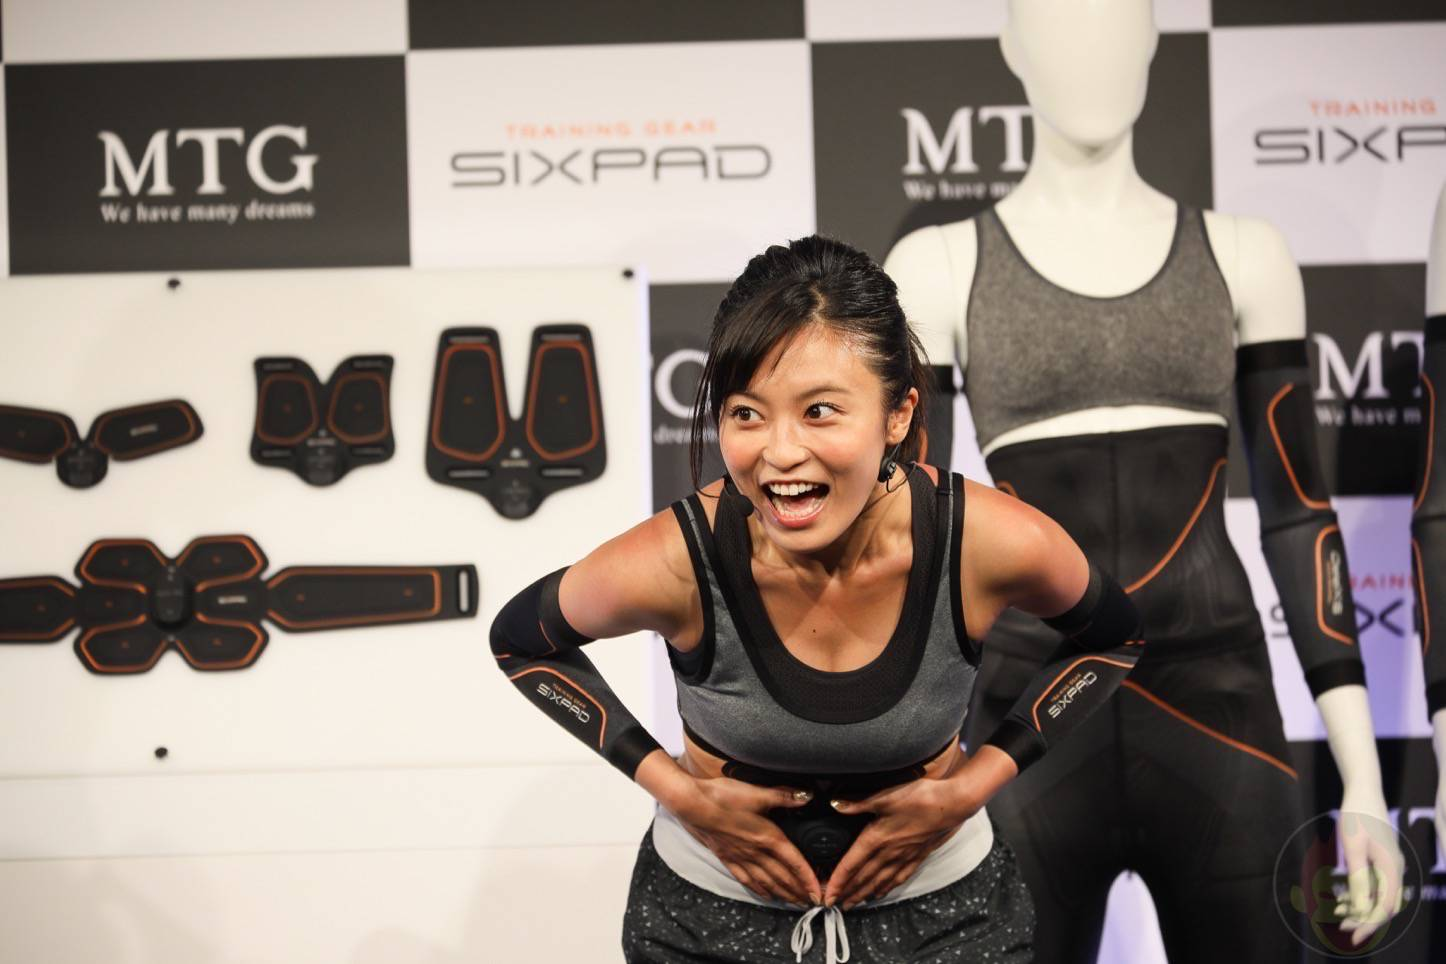 MTG-SIXPAD-New-Products-KojiRuri-Ishikawa-76.jpg